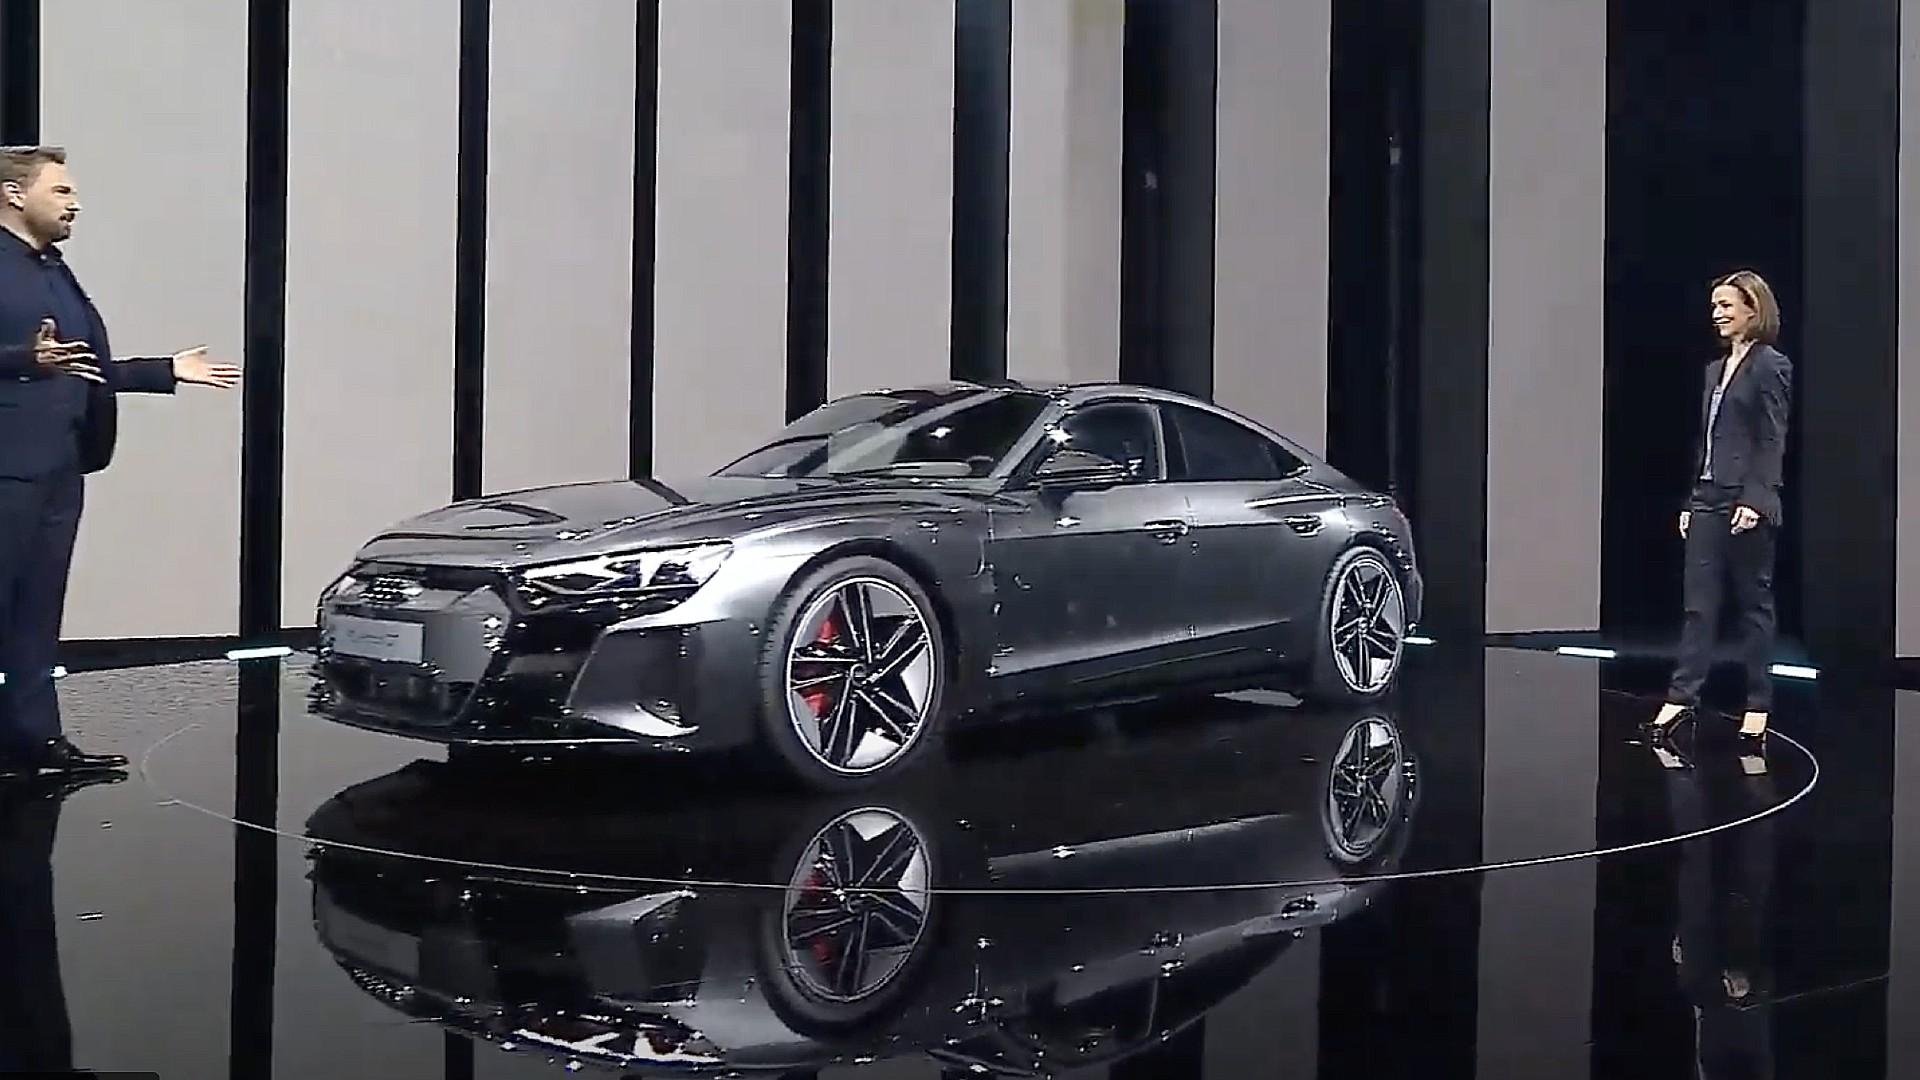 Audi представляет e-tron GT: запас хода 293 мили, максимальная скорость 155 миль в час, 590 л.с., стартовая цена 99 900 долларов